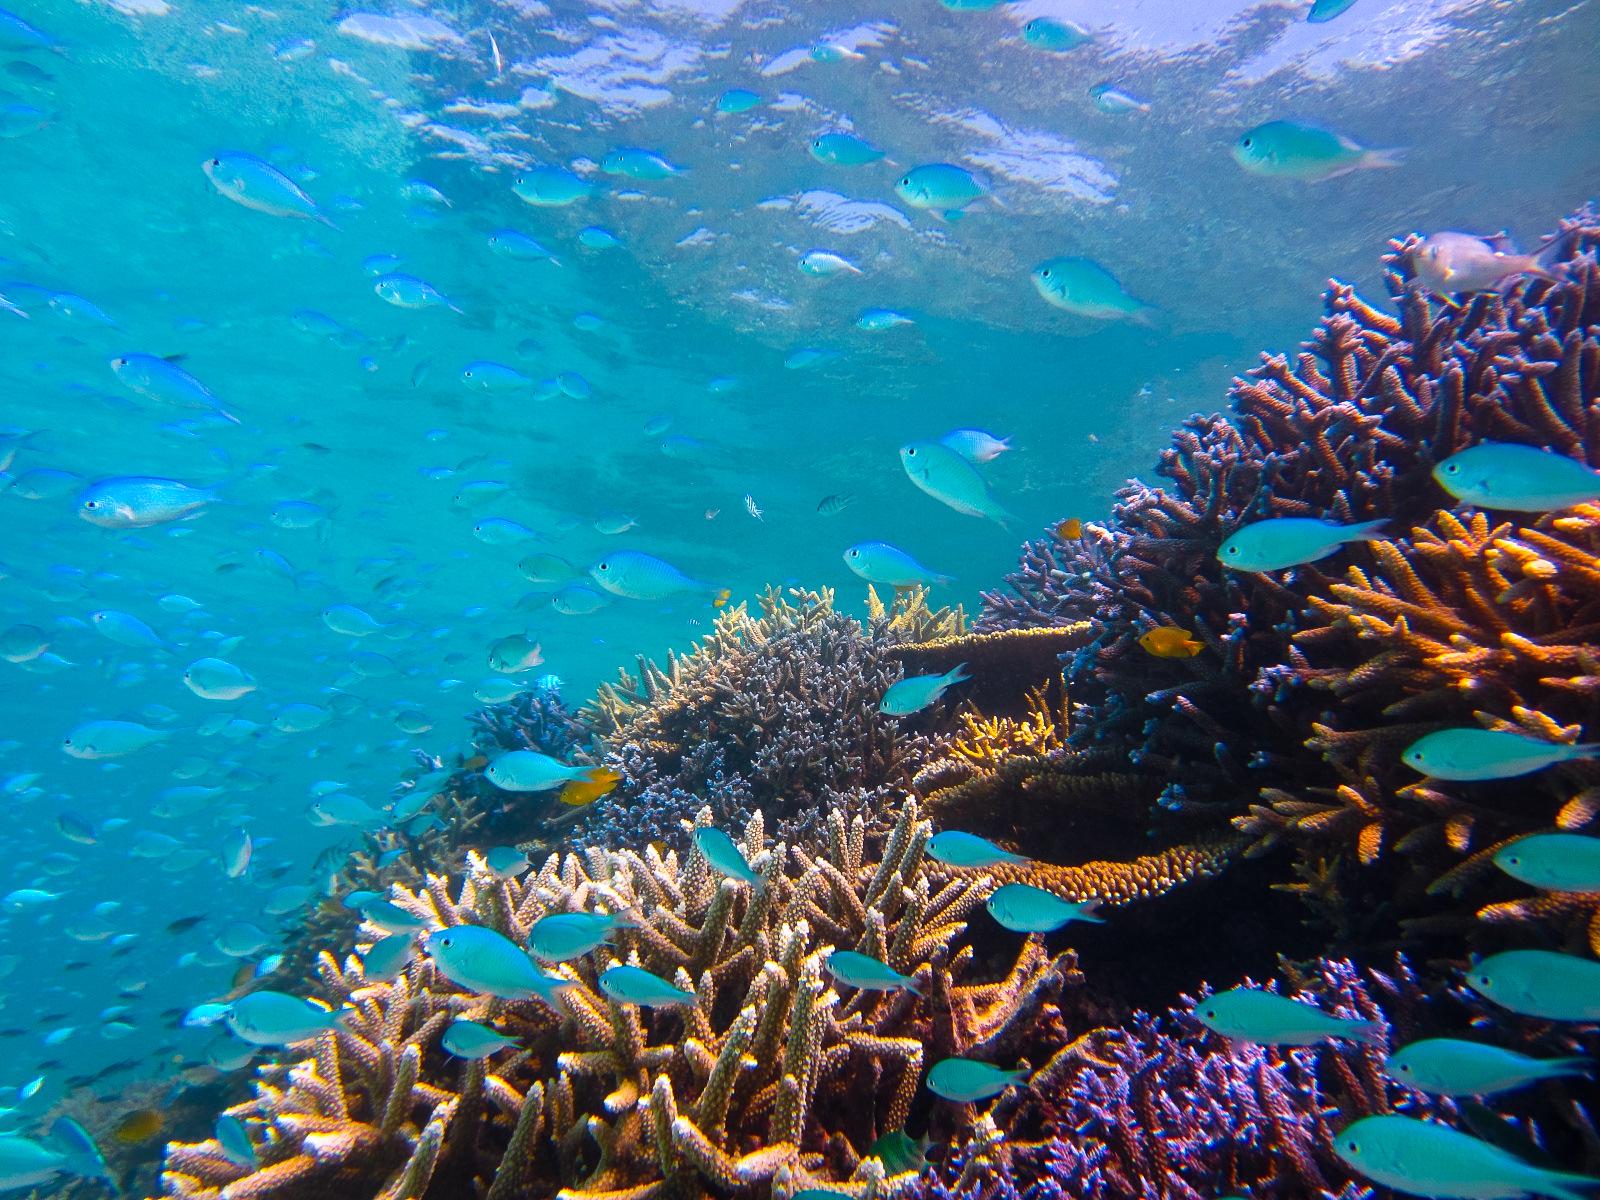 石垣島のカラフルサンゴとルリスズメダイのコントラスト